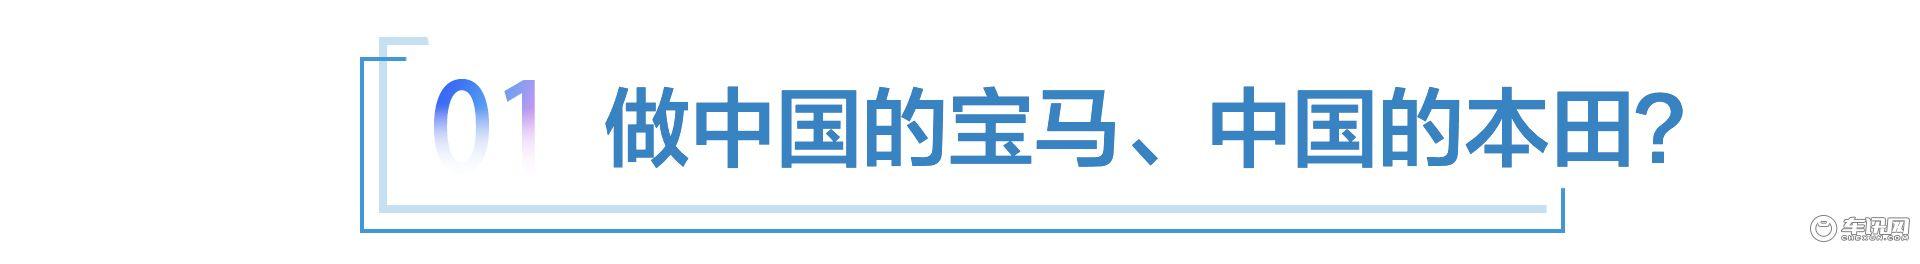 """宇星語車:魏建軍以技術立身,夯實""""技術的長城"""""""